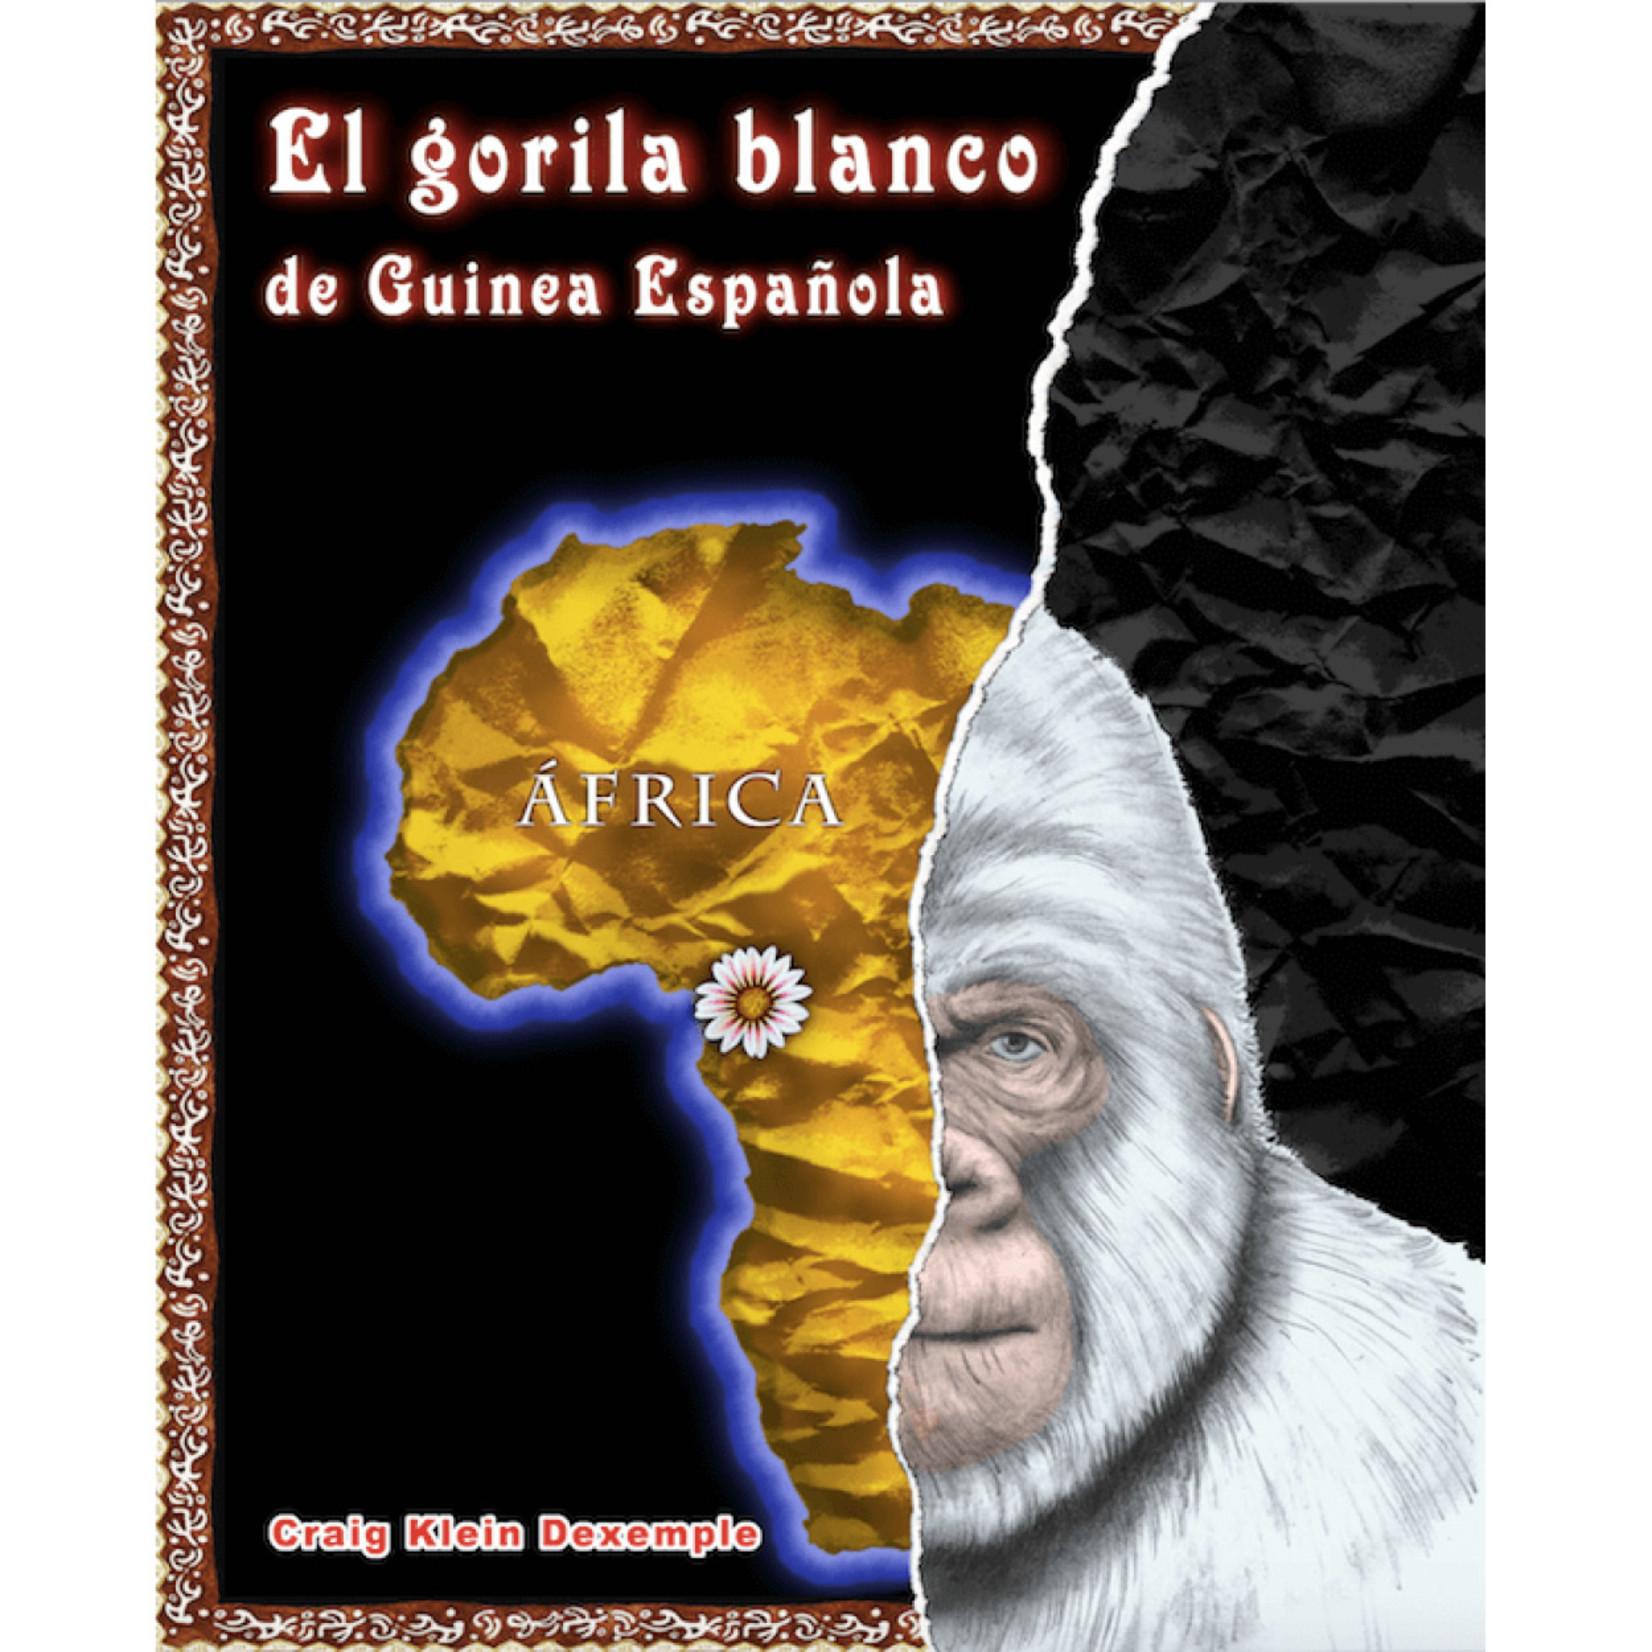 Spanish Cuentos El gorila blanco de Guinea Española